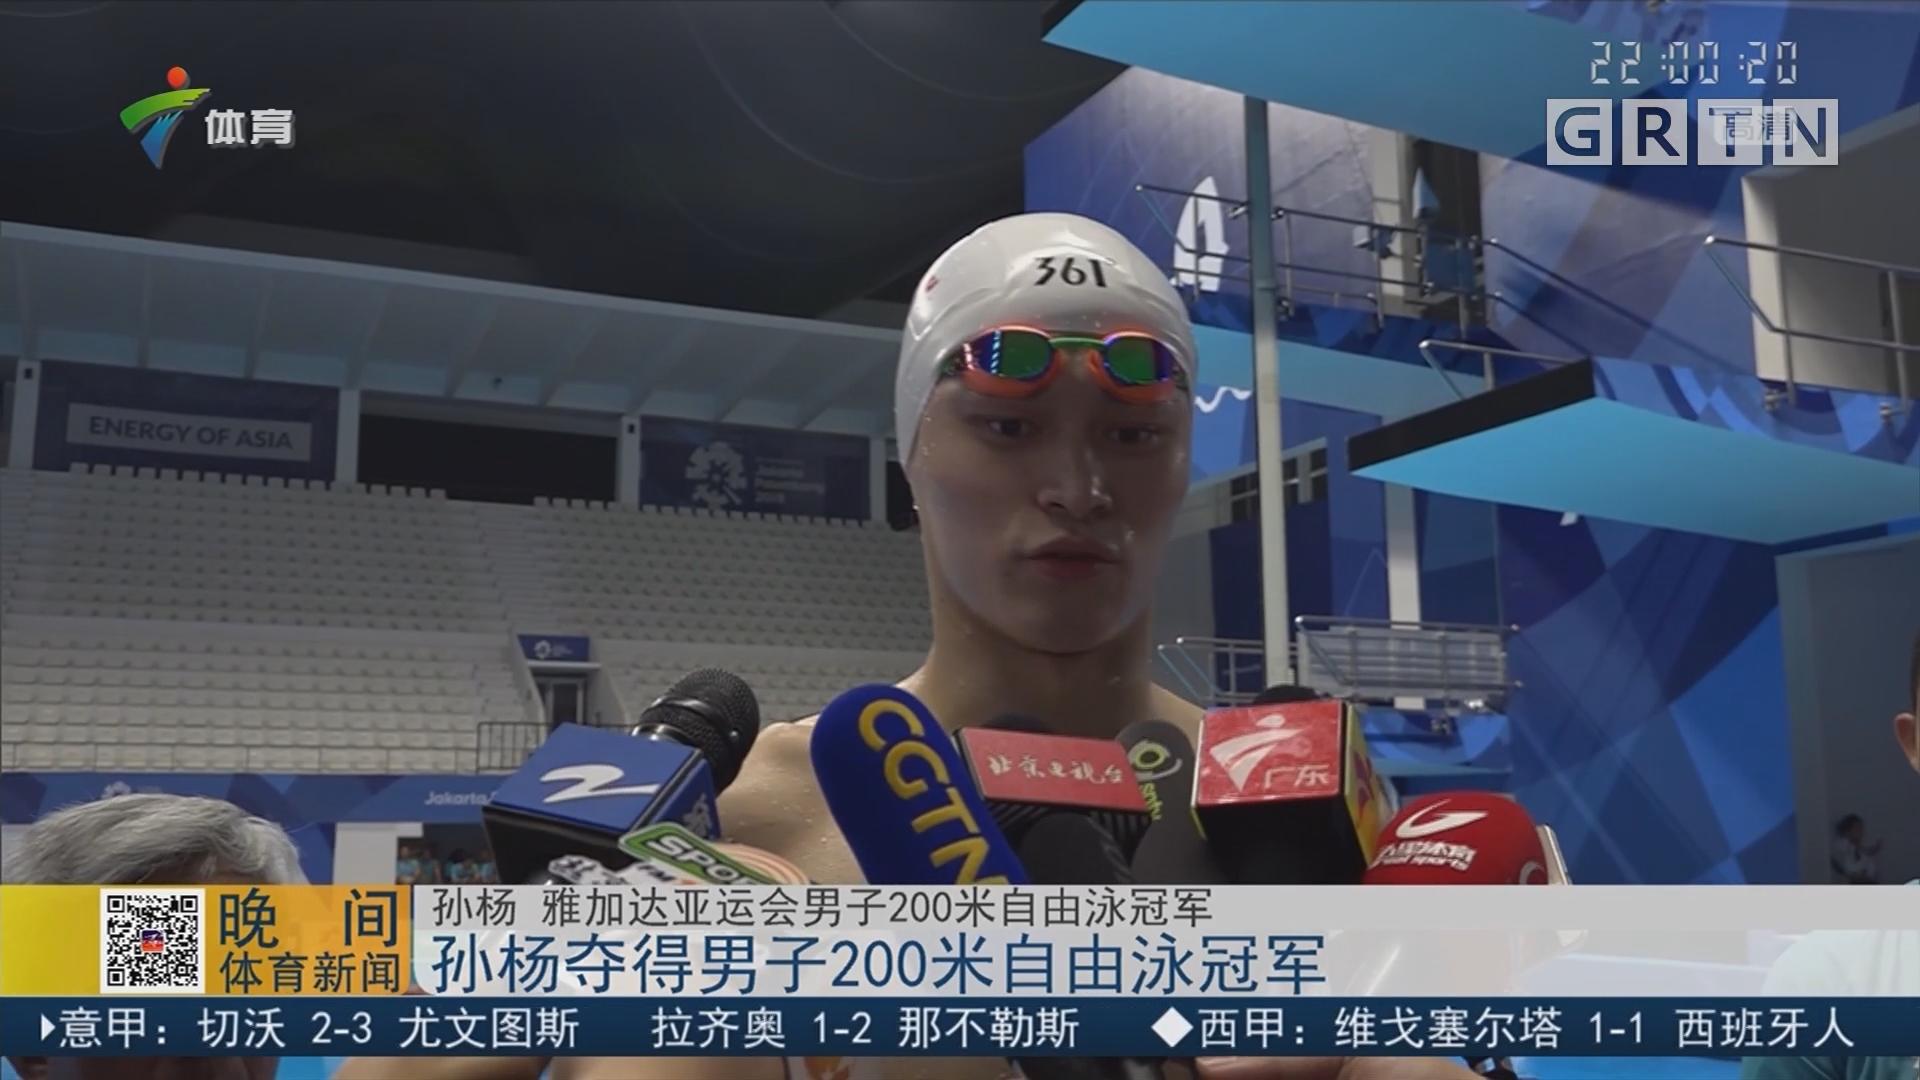 孙杨夺得男子200米自由泳冠军